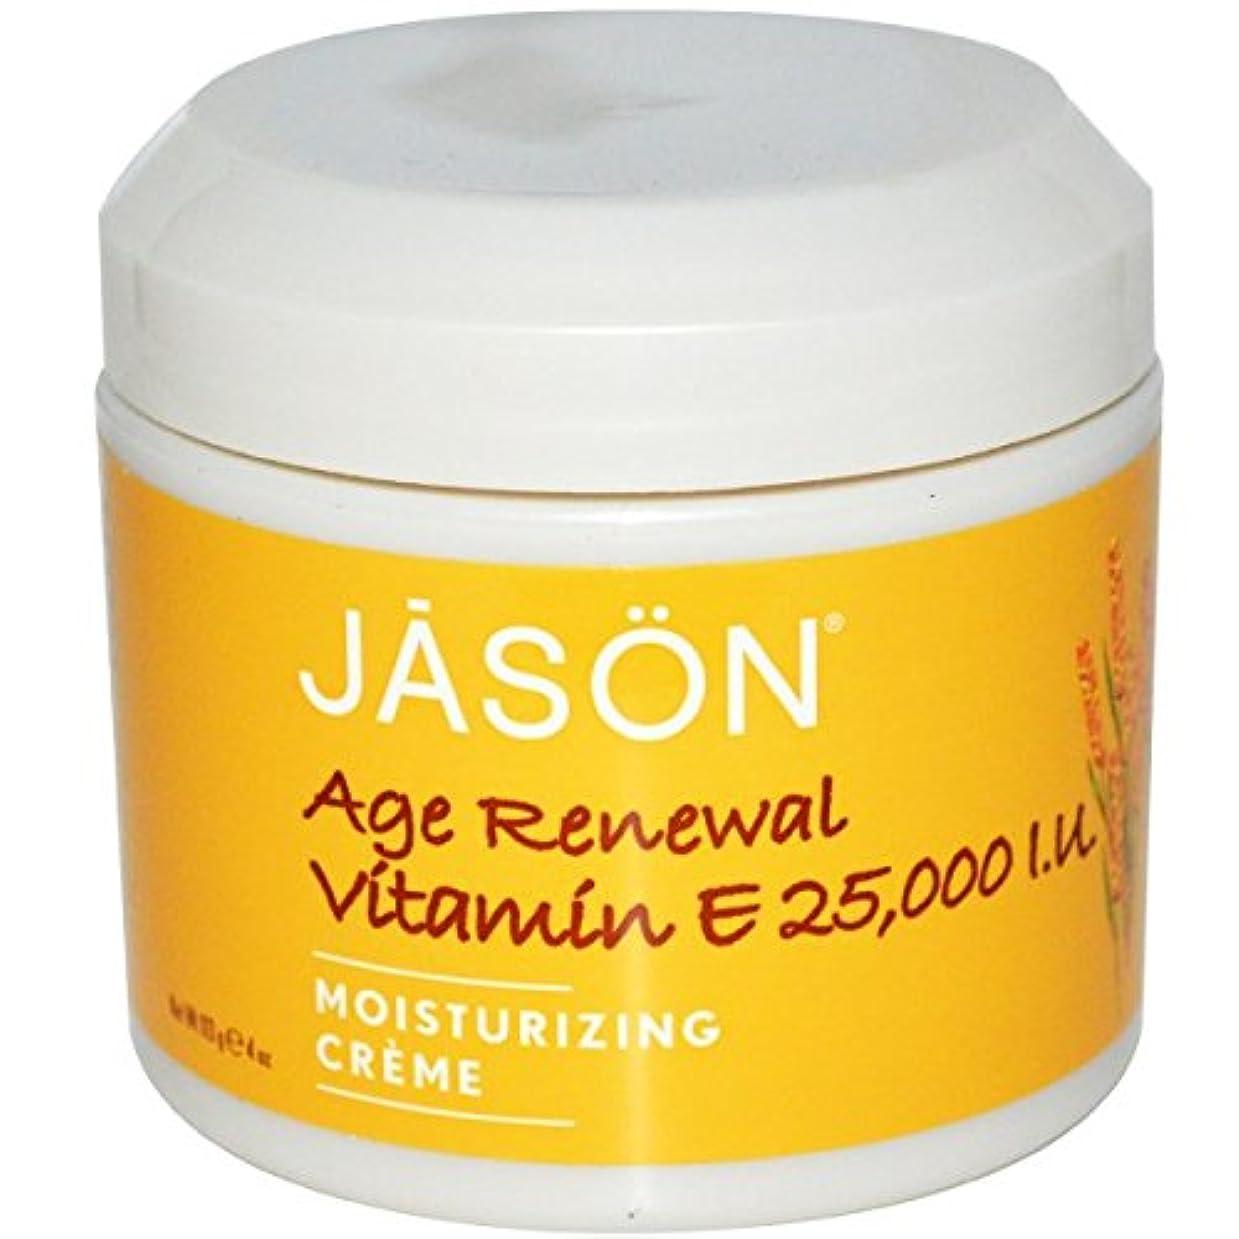 うるさい休憩する長さ[海外直送品] ジェイソンナチュラル(Jason Natural) 25,000 IU ビタミンE エイジリニューアルクリーム 113g